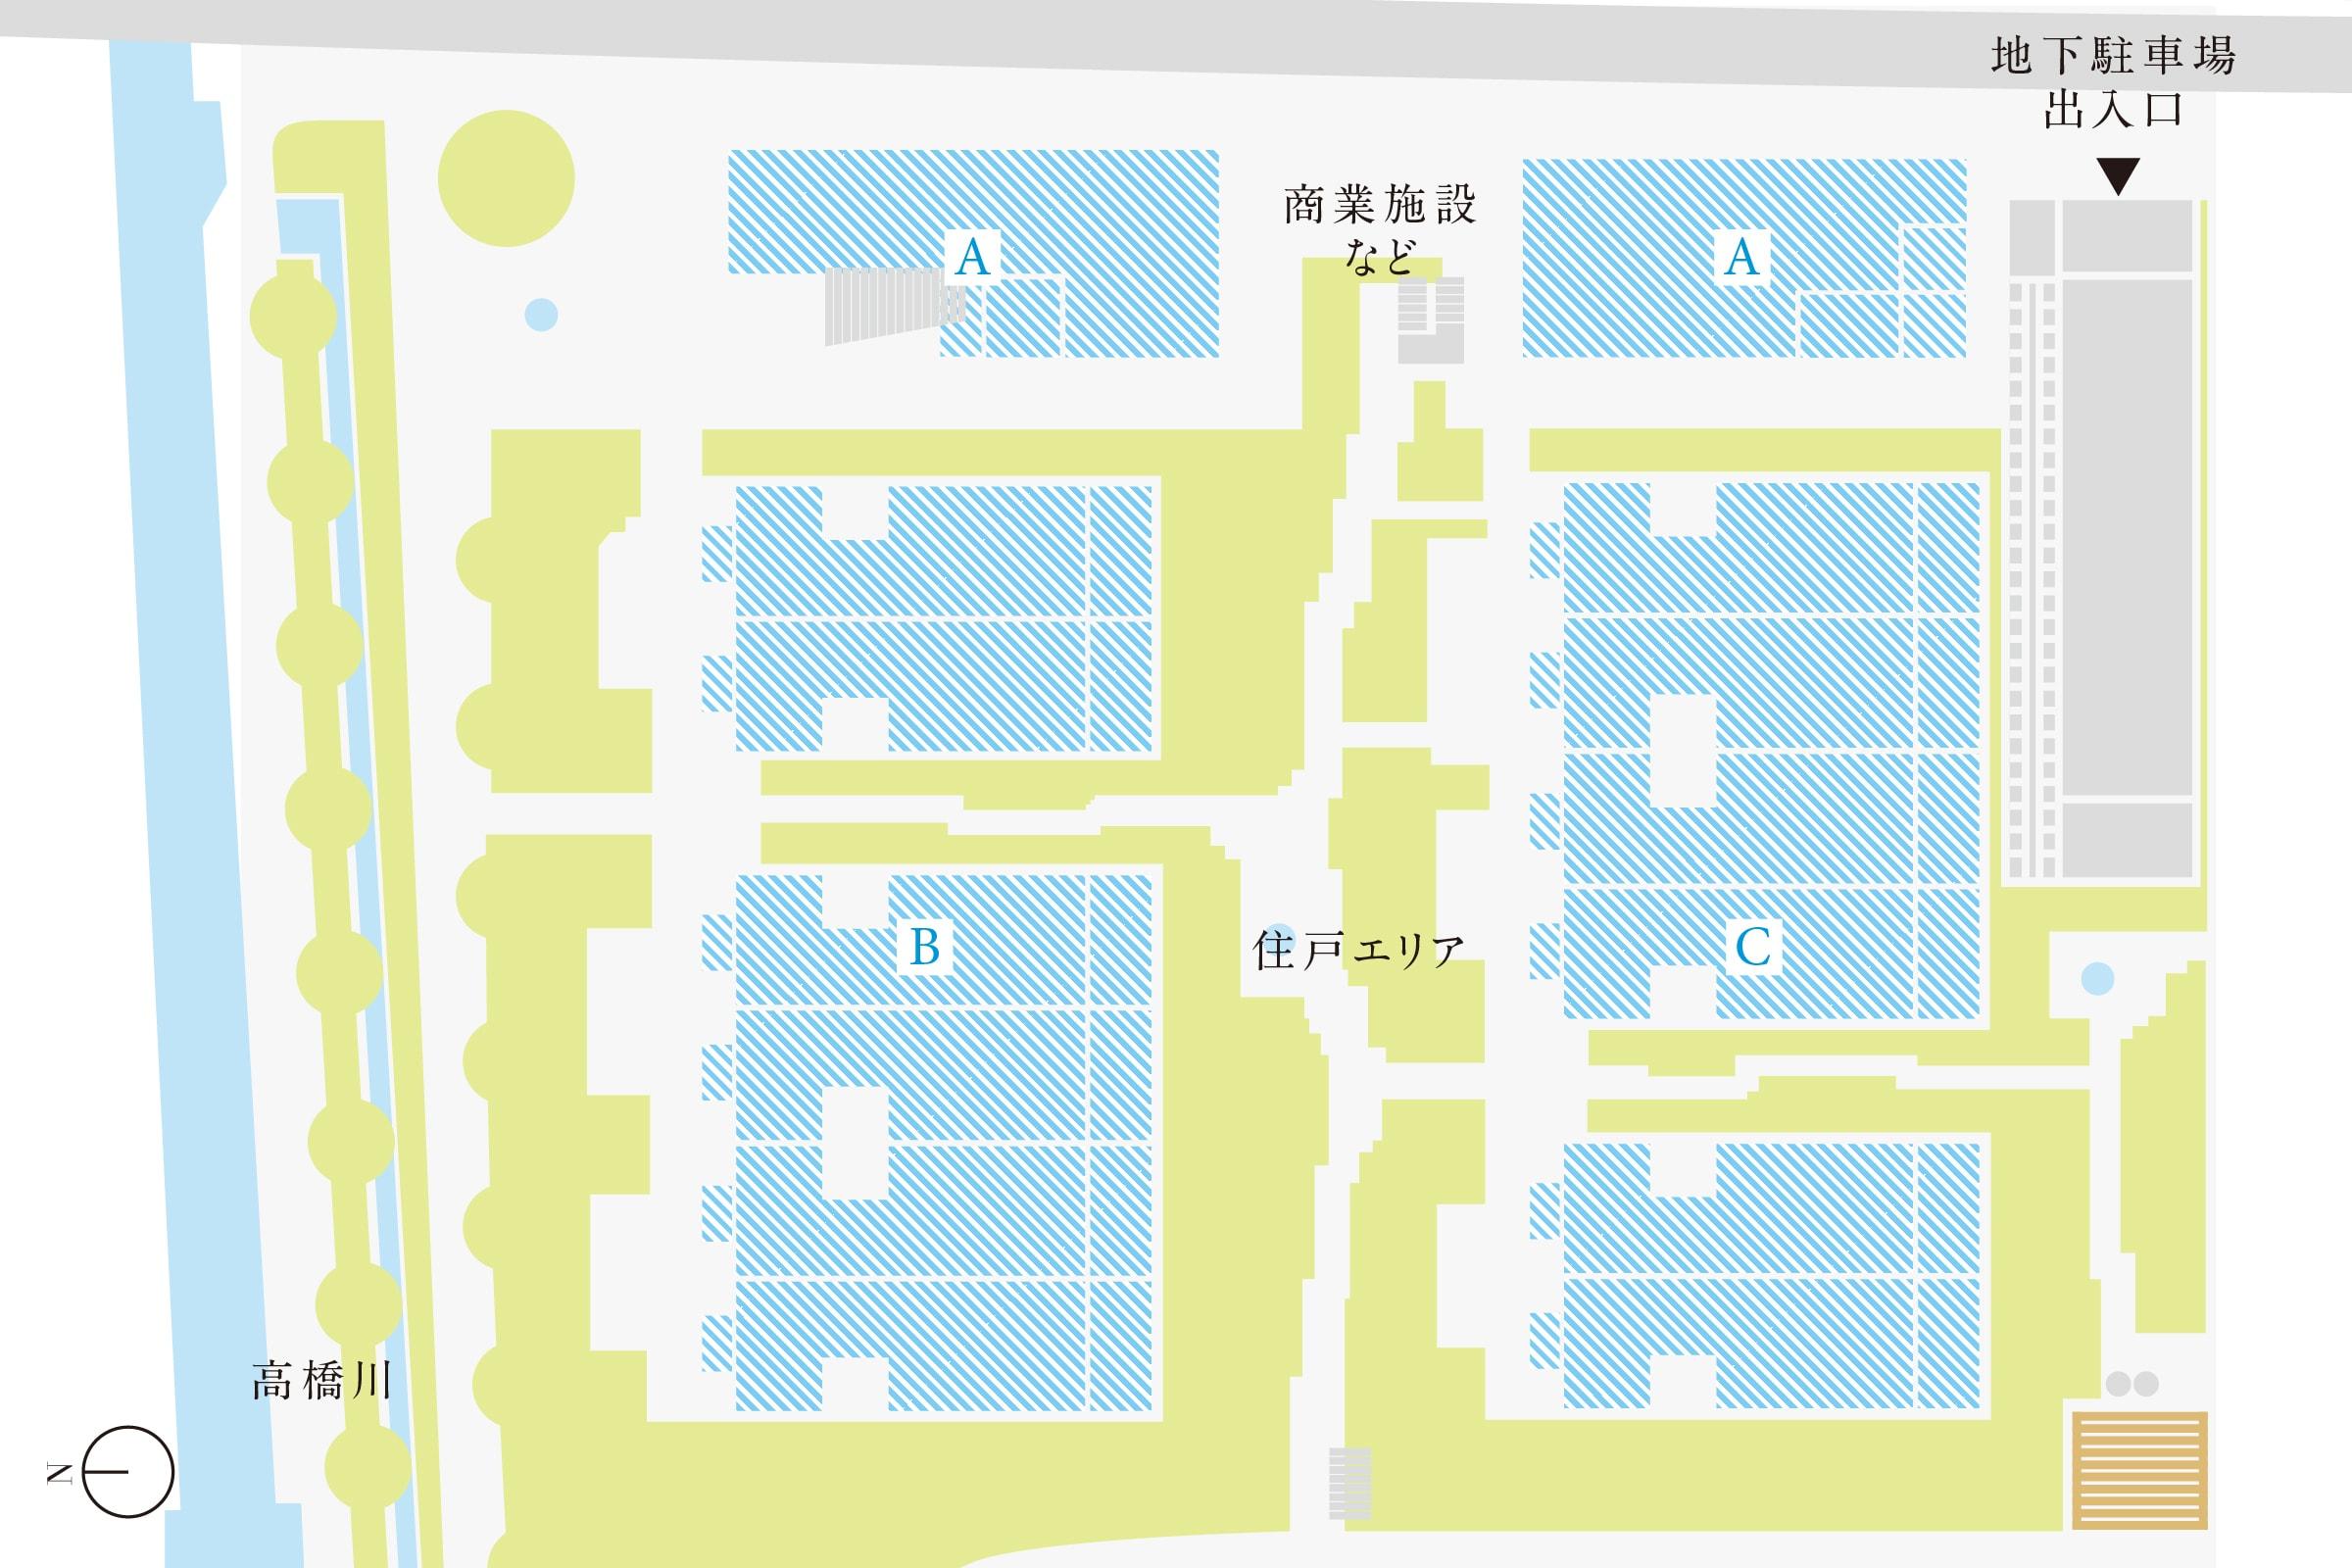 第1期街区内配置図